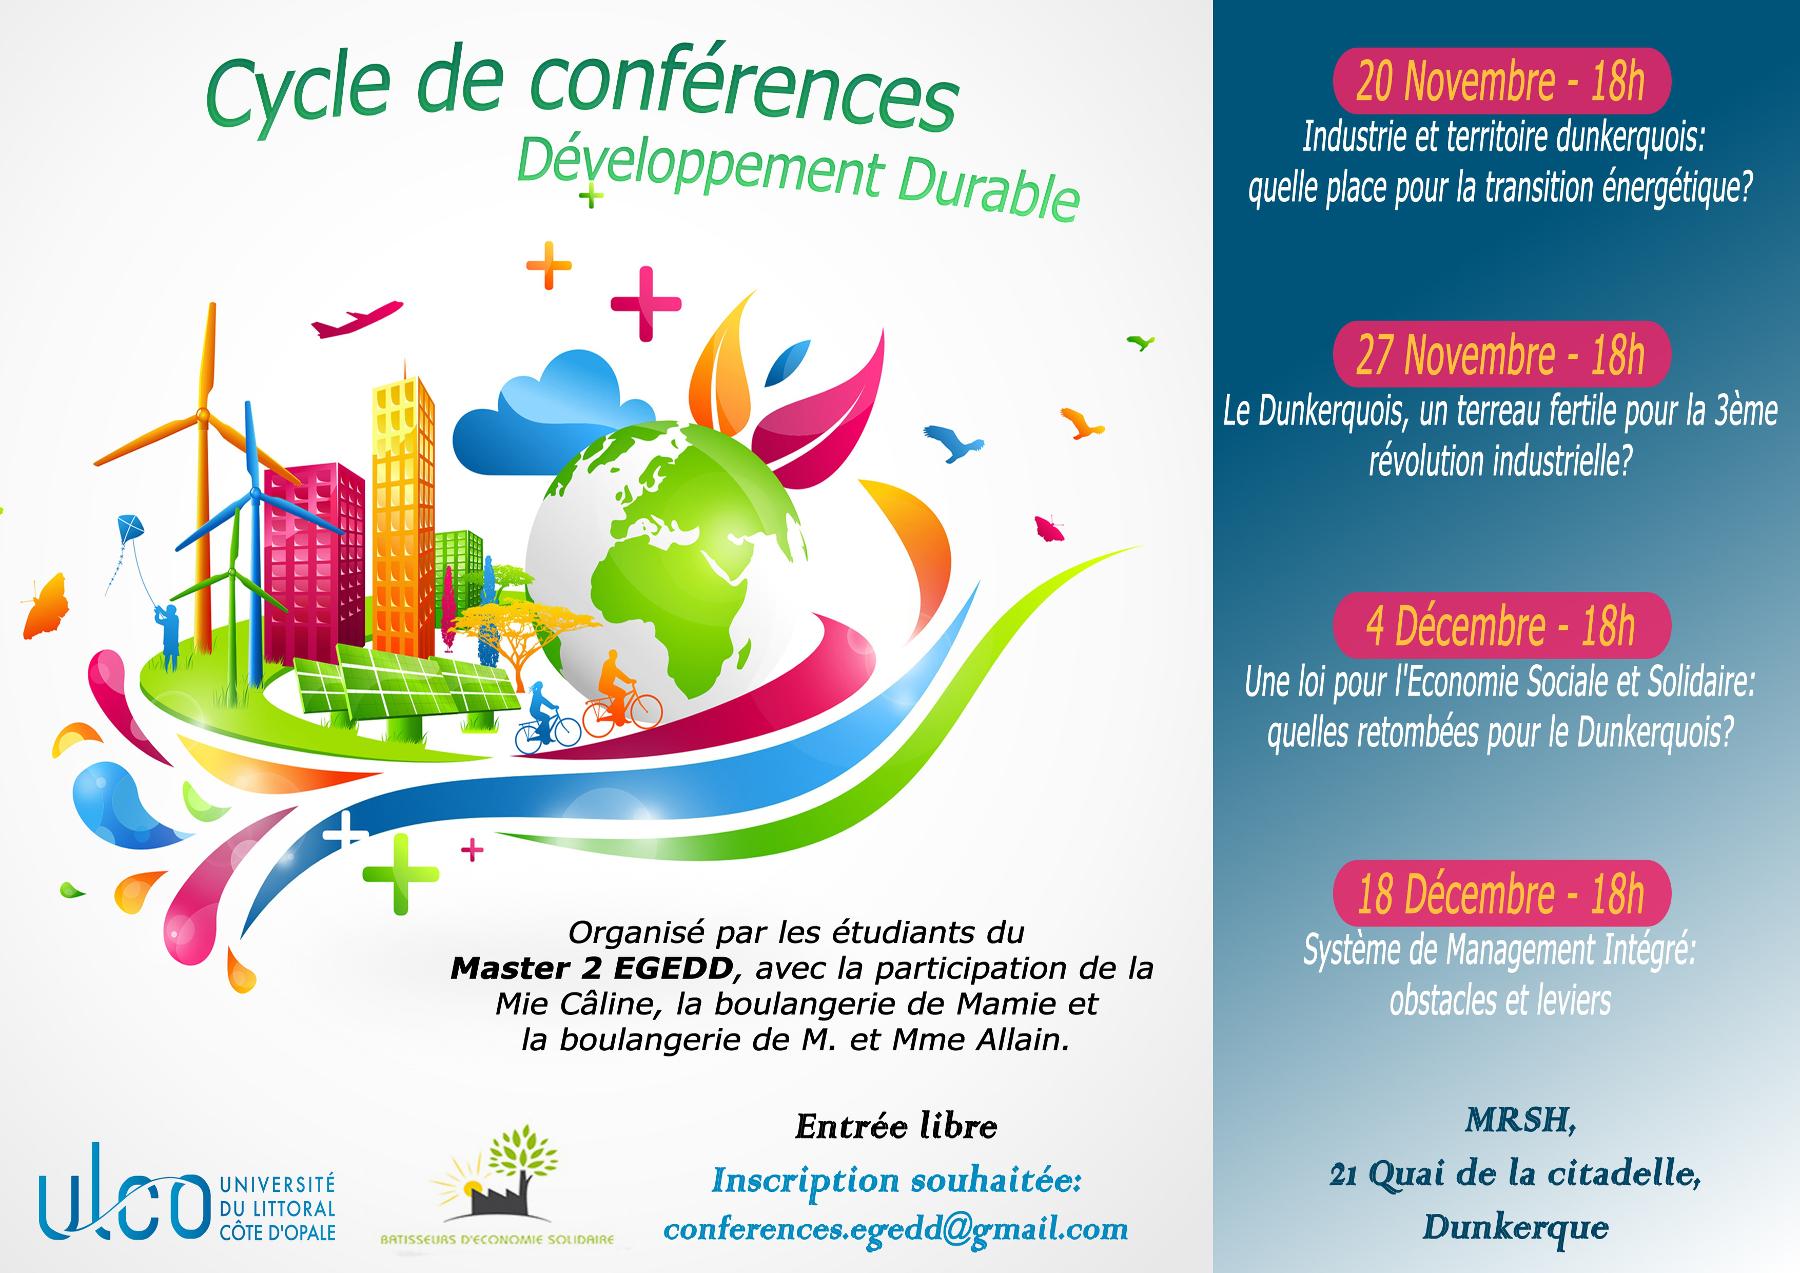 affiche-conferences-egedd-2013-2.jpg